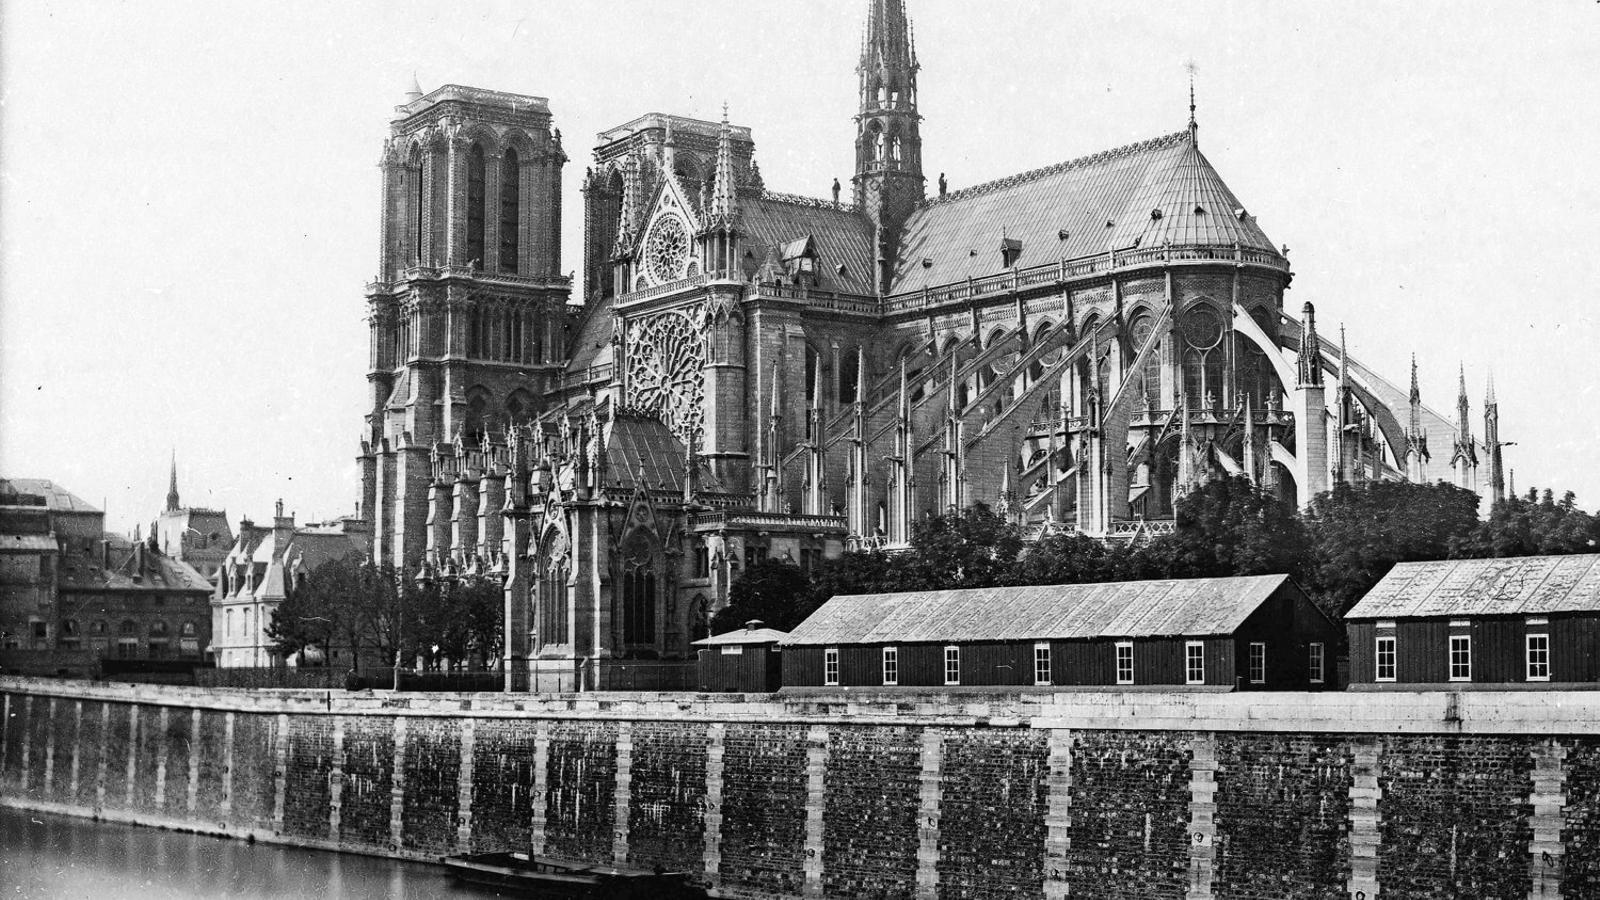 Notre-Dame cap al 1865-1867, després de la restauració de Viollet-le-Duc.  ABH Architectes Alexandre Fantozzi Studio Fuksas Ulf Mejergren Architectes  Studio NAB Vizum Atelier Alexander Nerovnya Mathieu Lehanneur